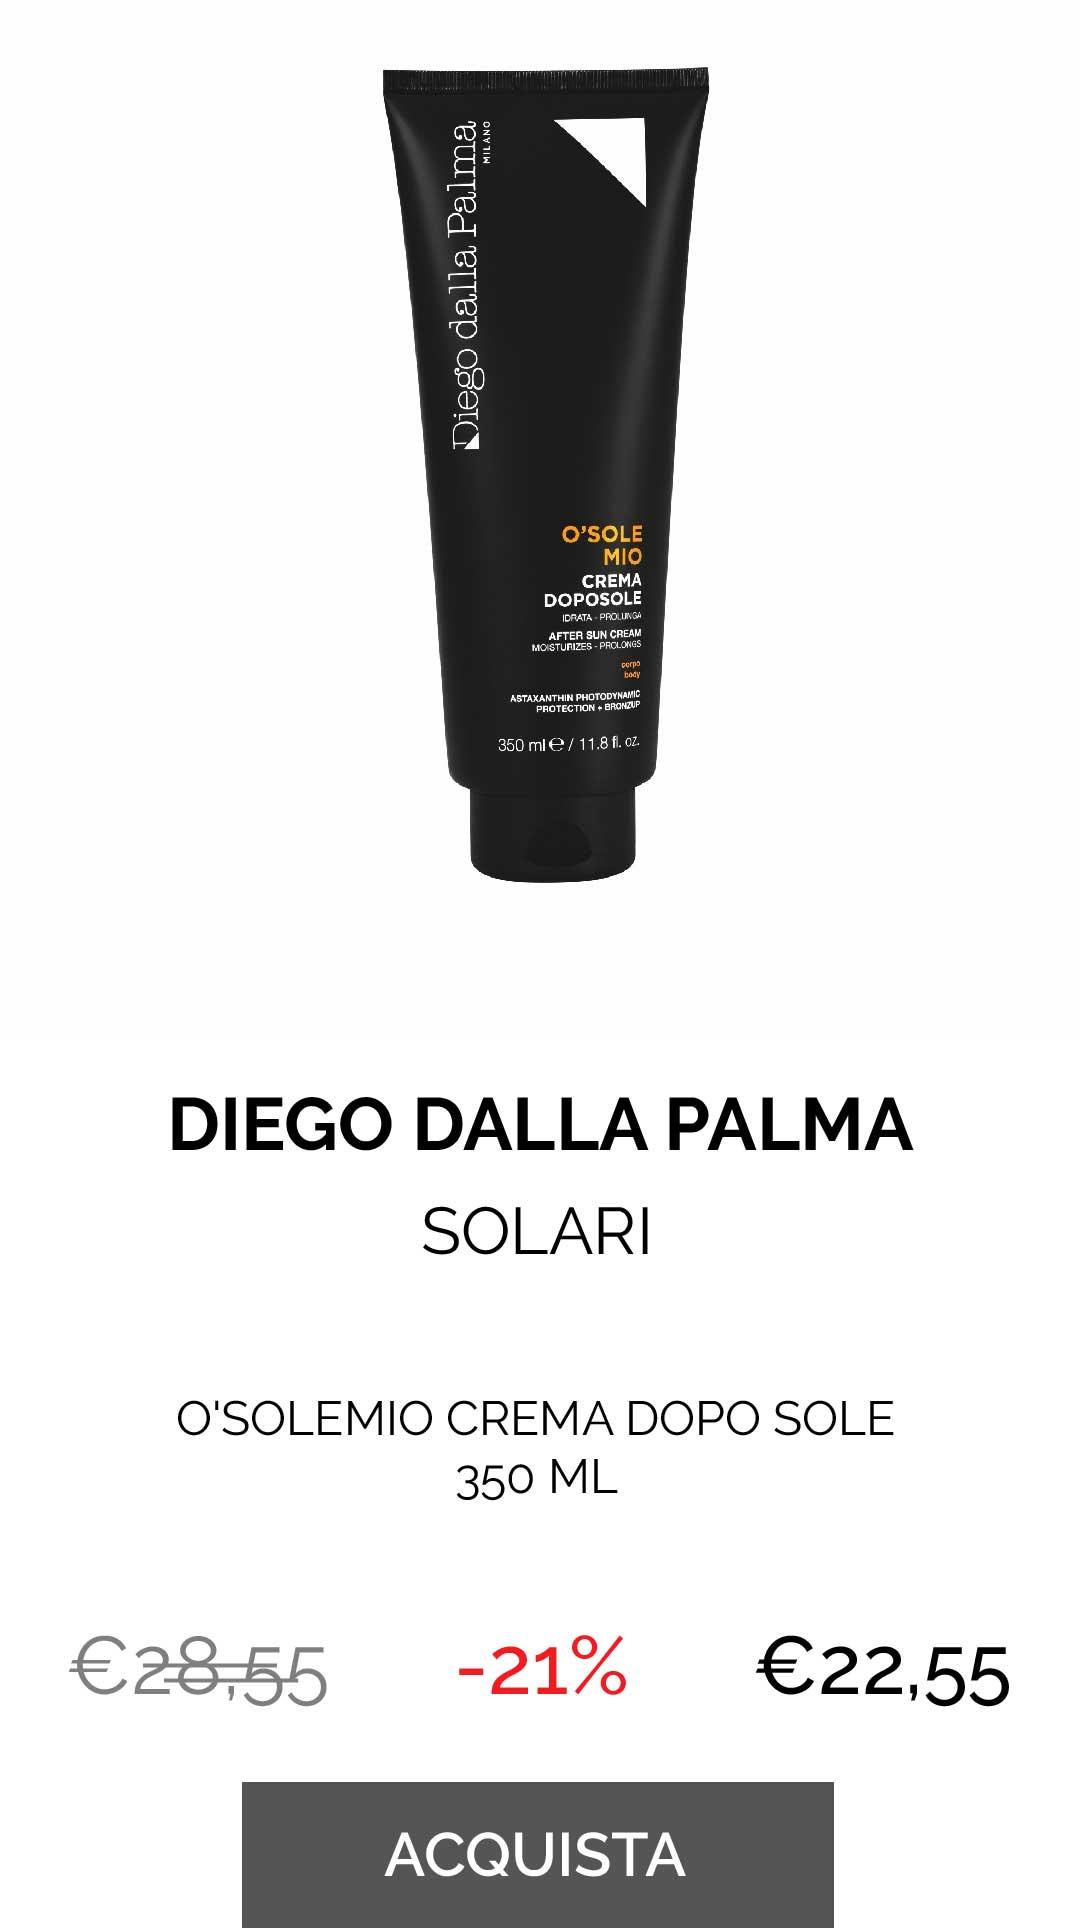 O'SOLEMIO CREMA DOPO SOLE 350 ML